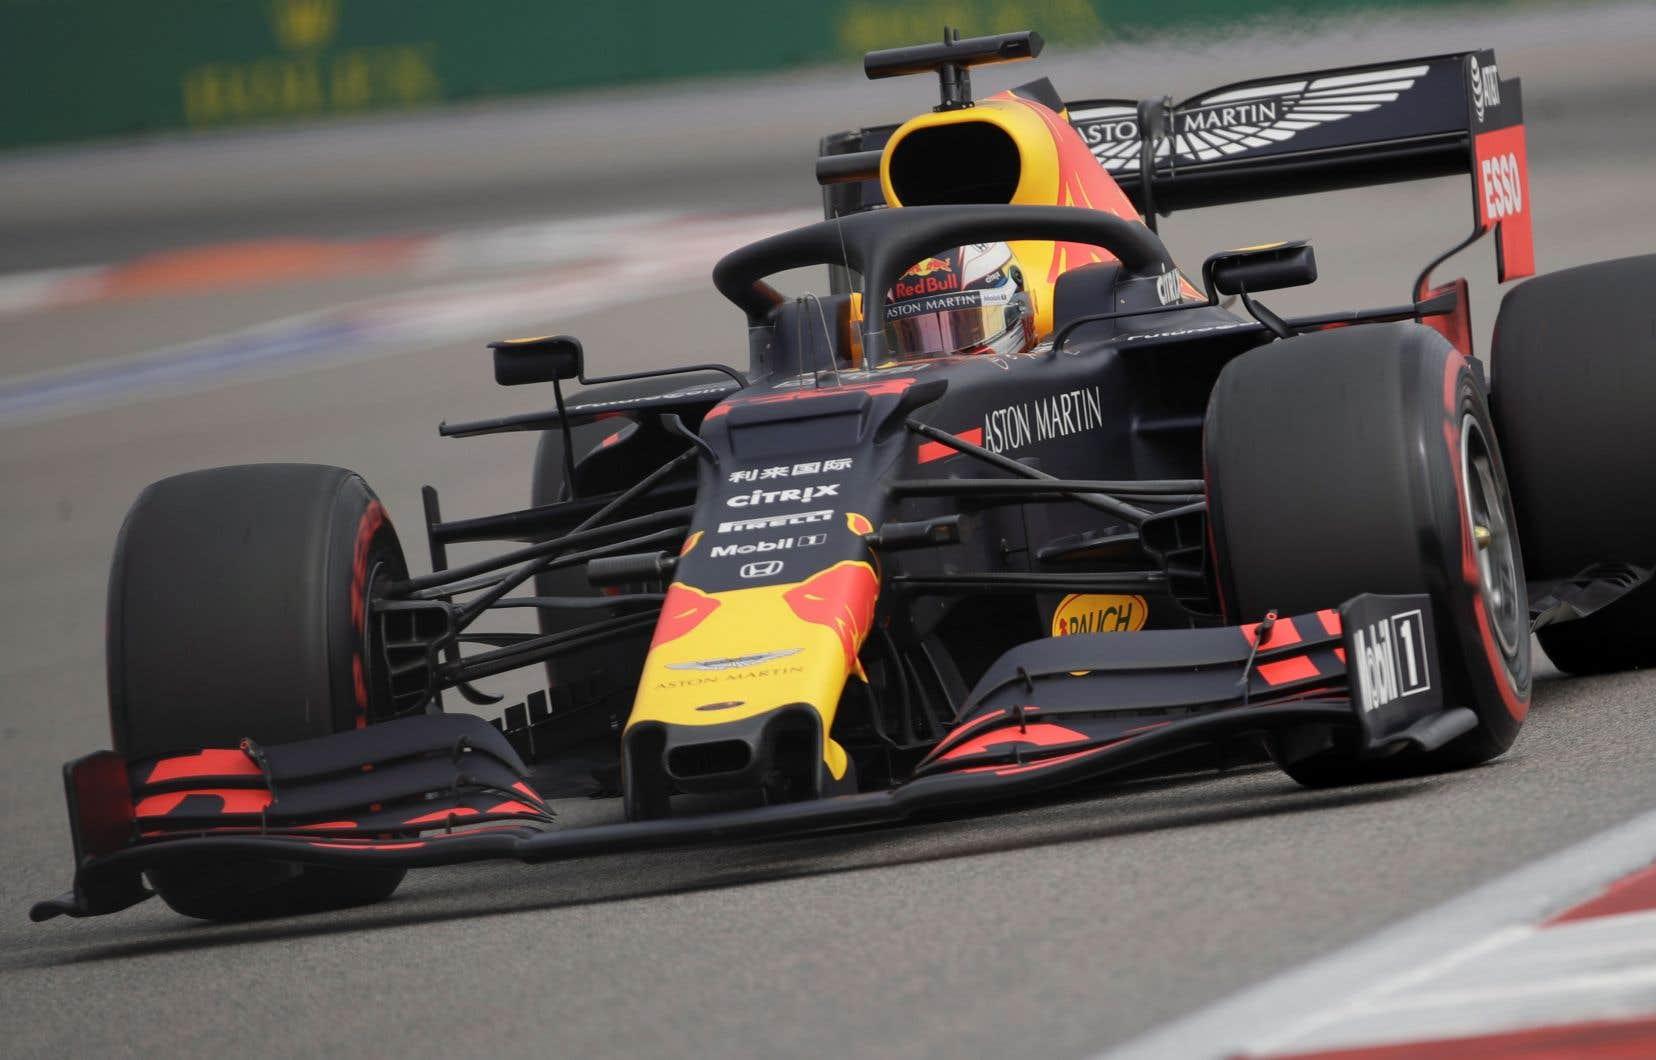 Max Verstappen a devancé Leclerc de trois dixièmes de seconde tandis que Valtteris Bottas s'est classé troisième.